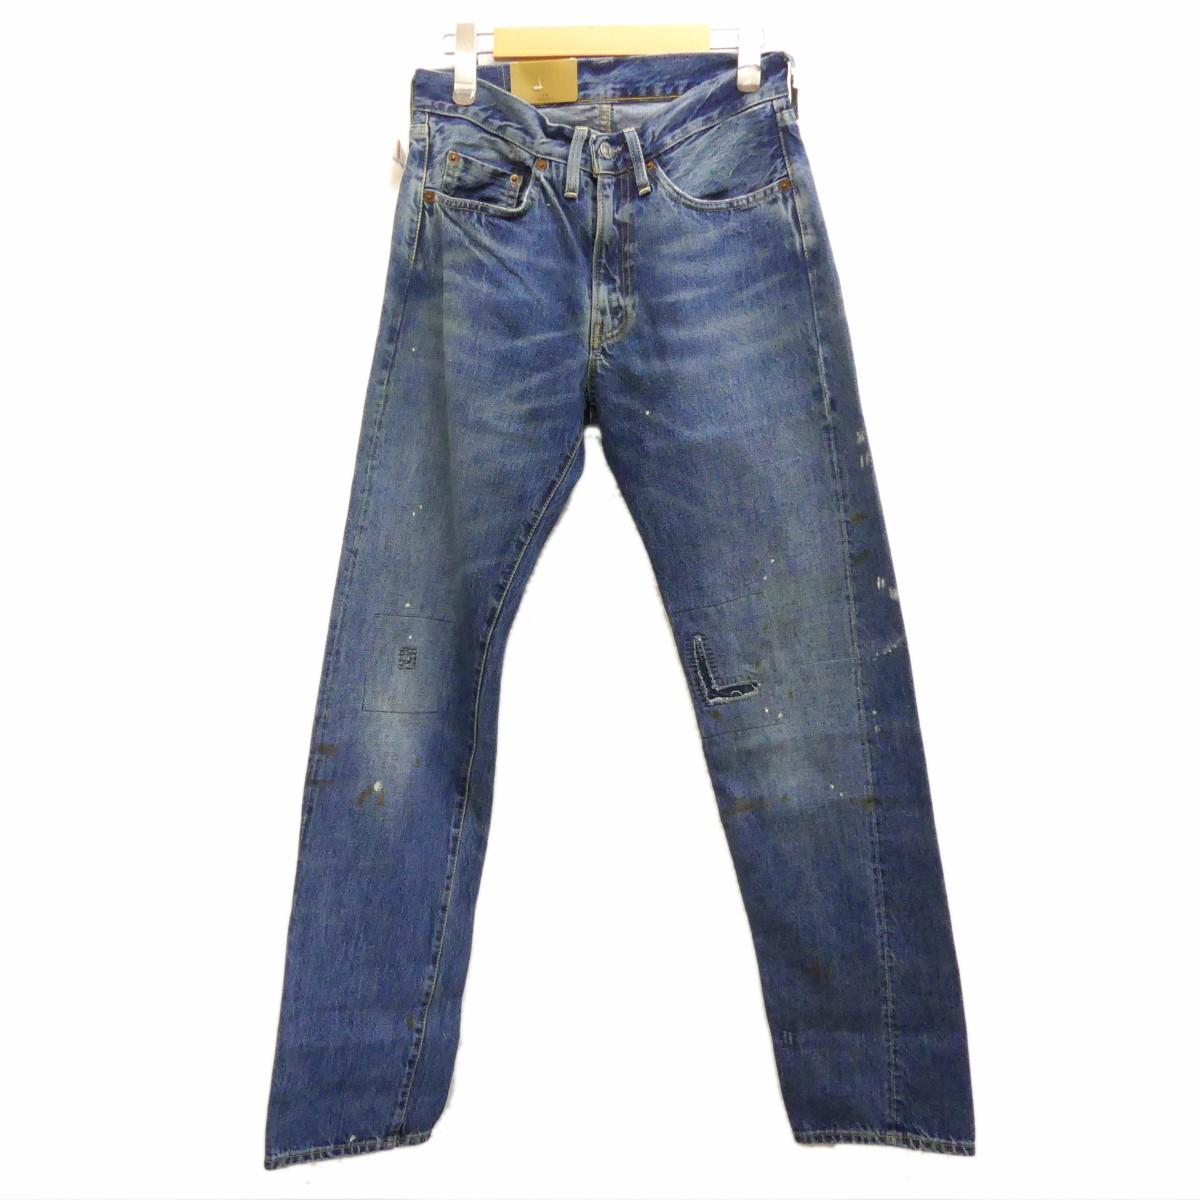 【中古】LEVIS VINTAGE CLOTHING 50154-0079 LOT501 インディゴ サイズ:28 【081019】(リーバイスヴィンテージクロージング)